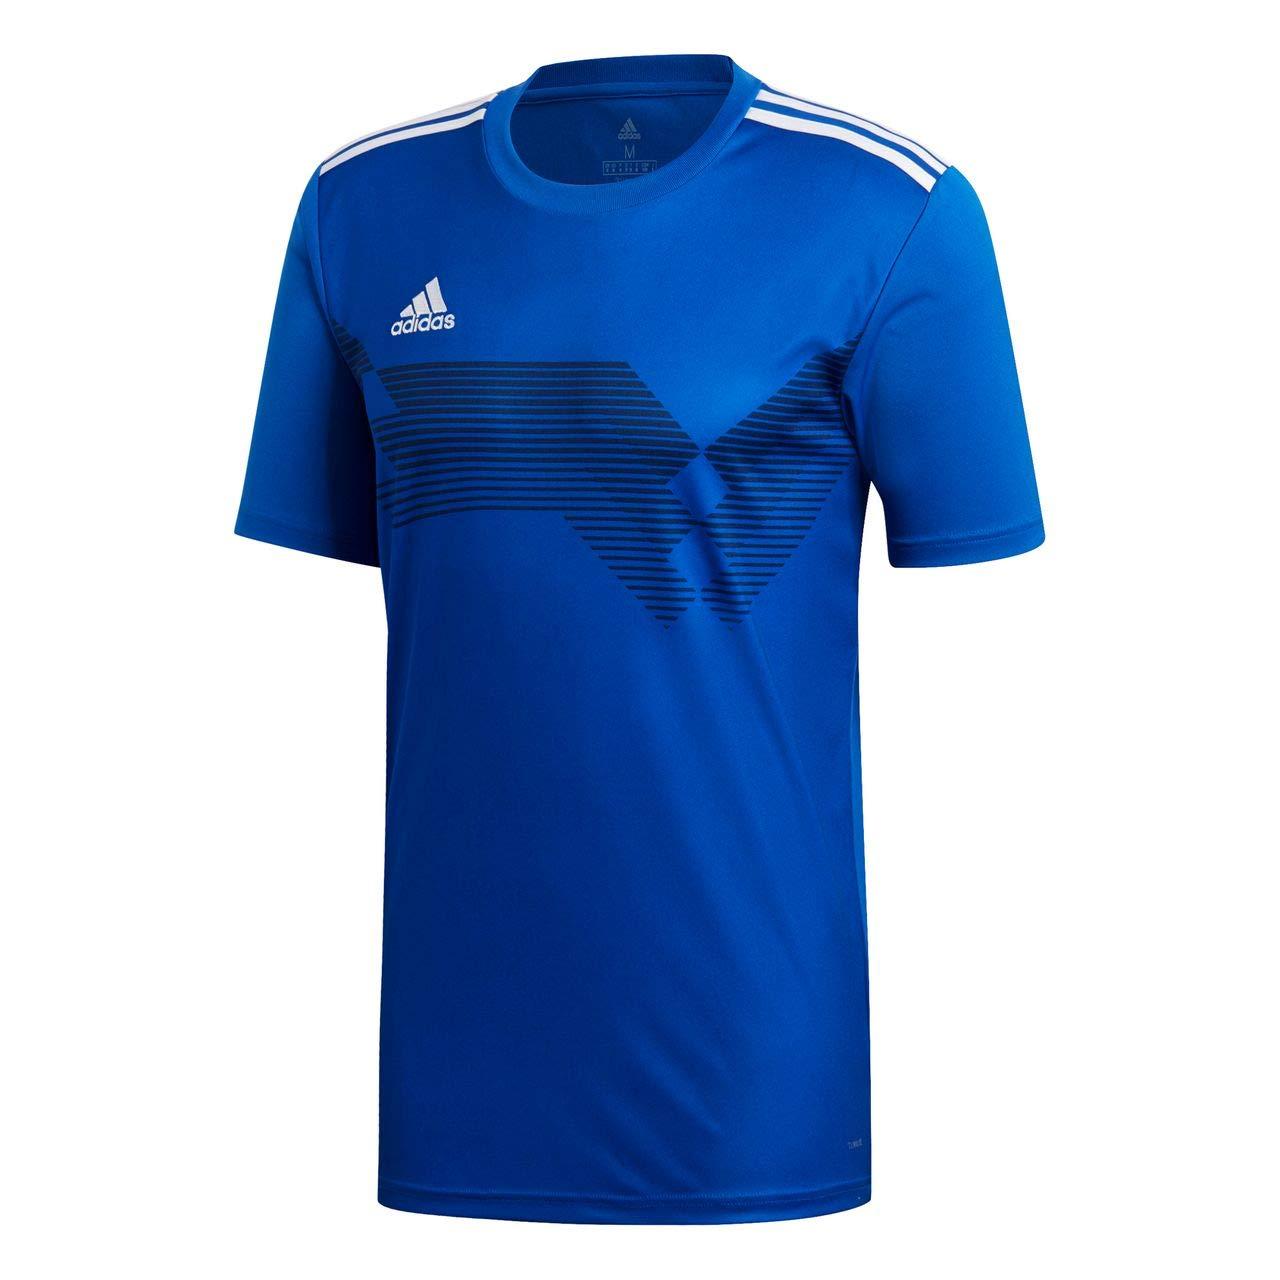 Adidas Herren Campeon19 Jersey B07H4J6RM6 T-Shirts Stilvoll Stilvoll Stilvoll und charmant 3cadb2